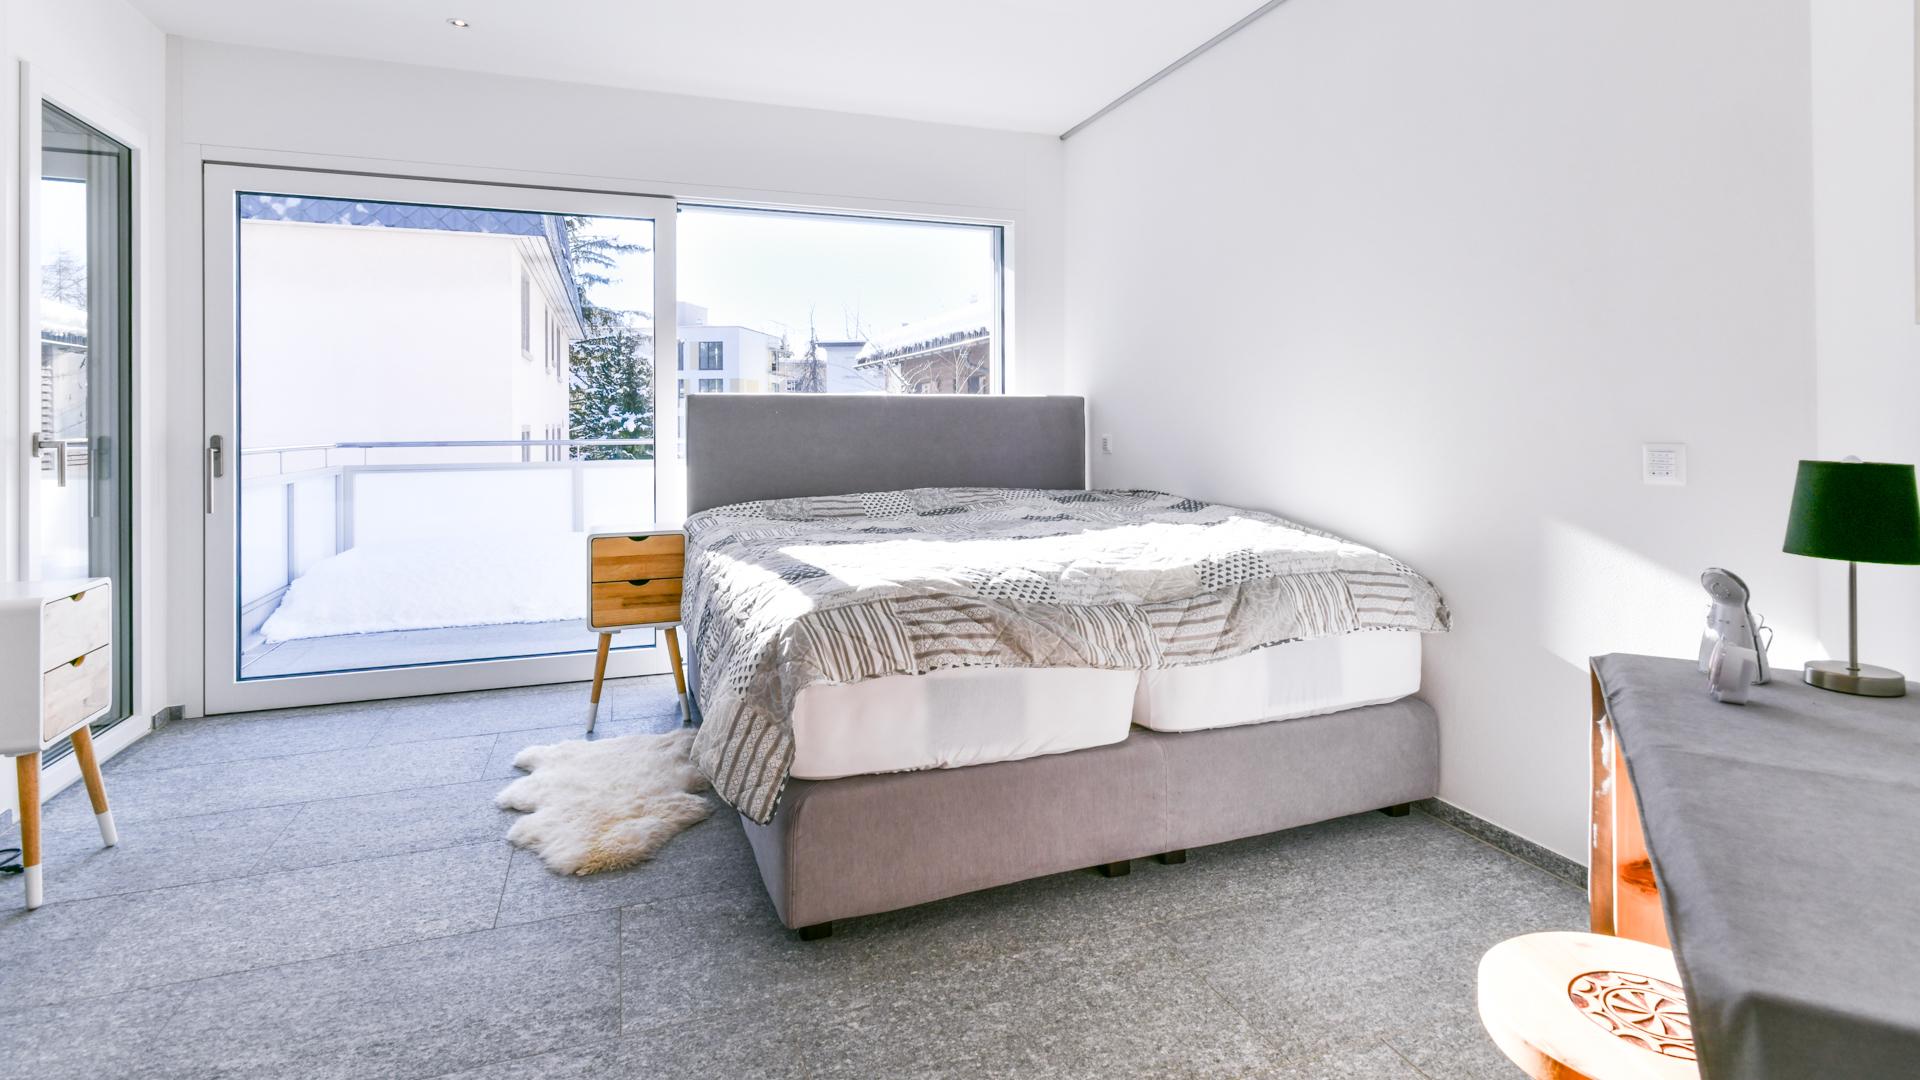 Von jedem Schlafzimmer ist ein direkter Balkonzugang vorhanden.